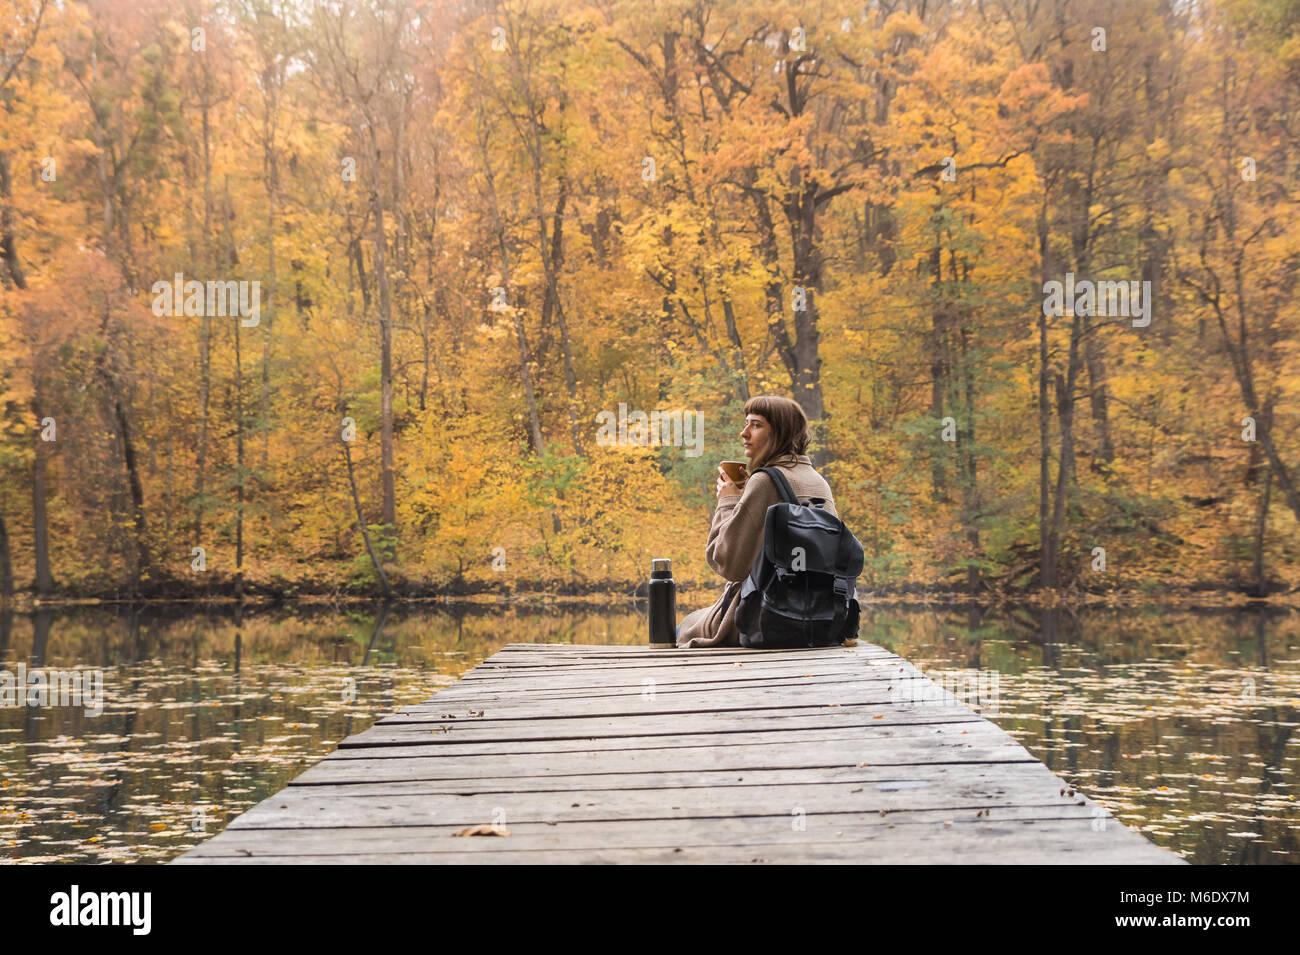 Junge weibliche Wanderer mit Rucksack sitzt am Flussufer, trinkt Kaffee und schaut auf schönen indischen Sommer Stockbild